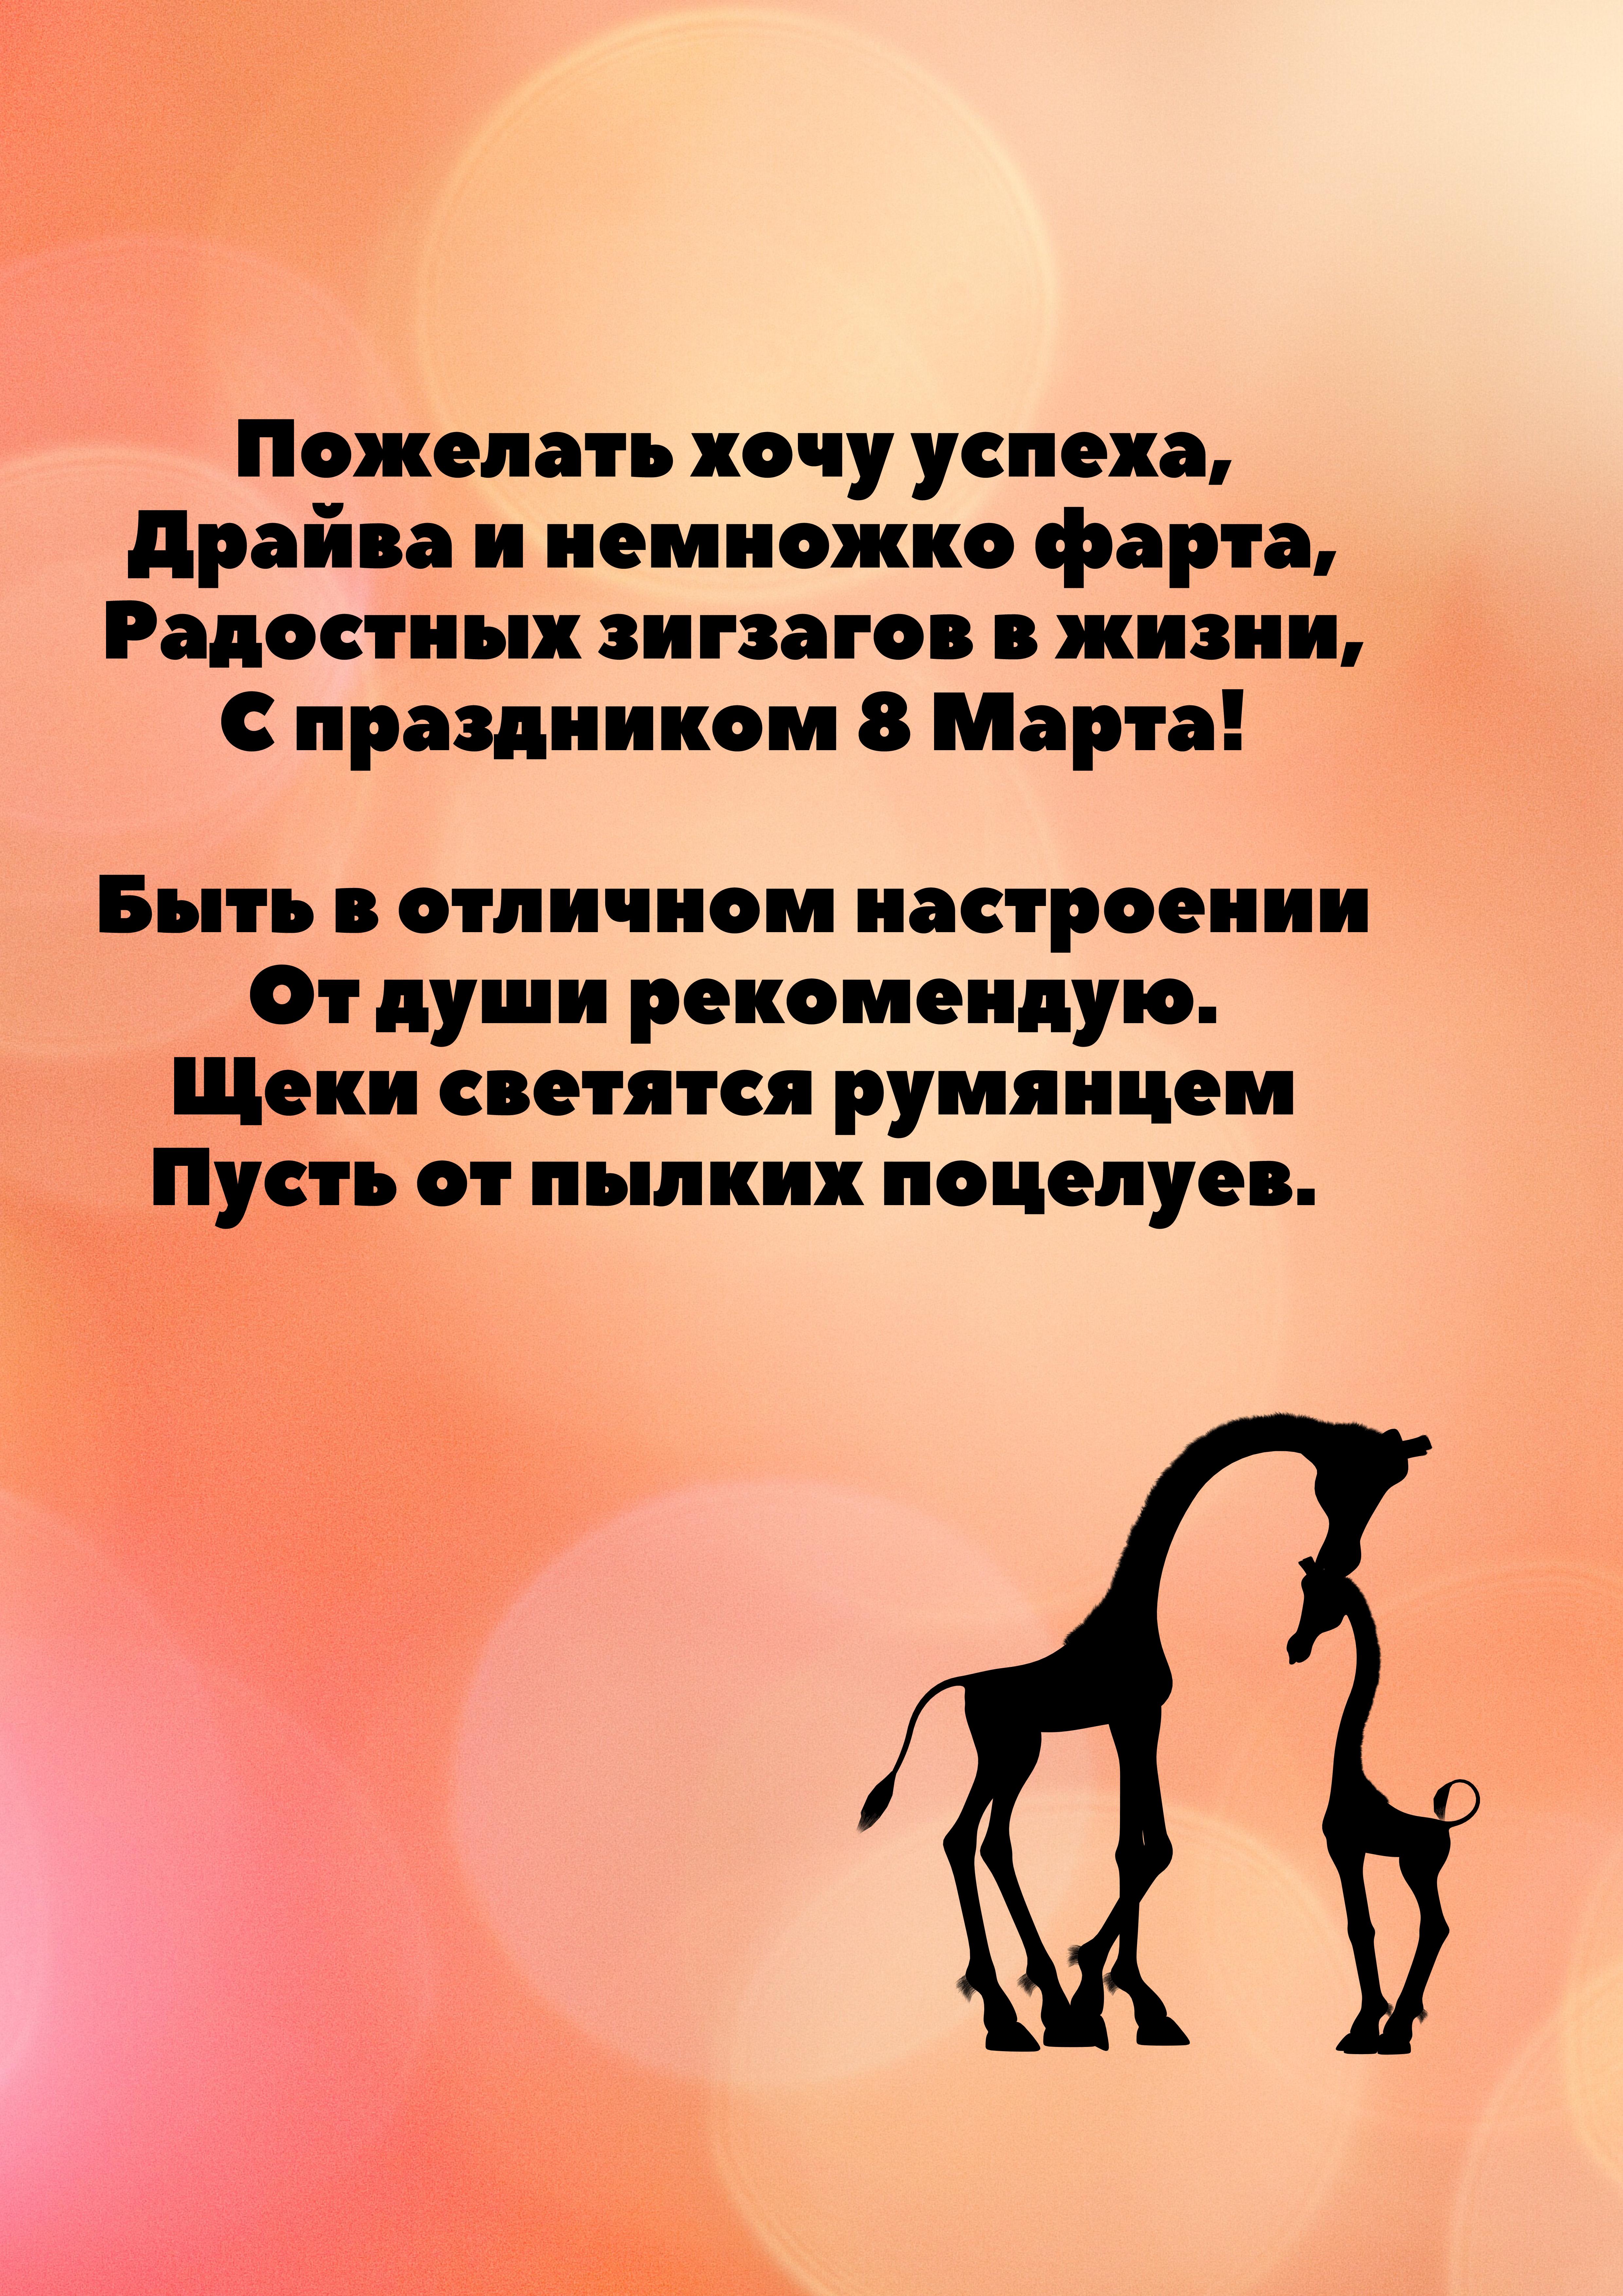 Плакат с рисунком